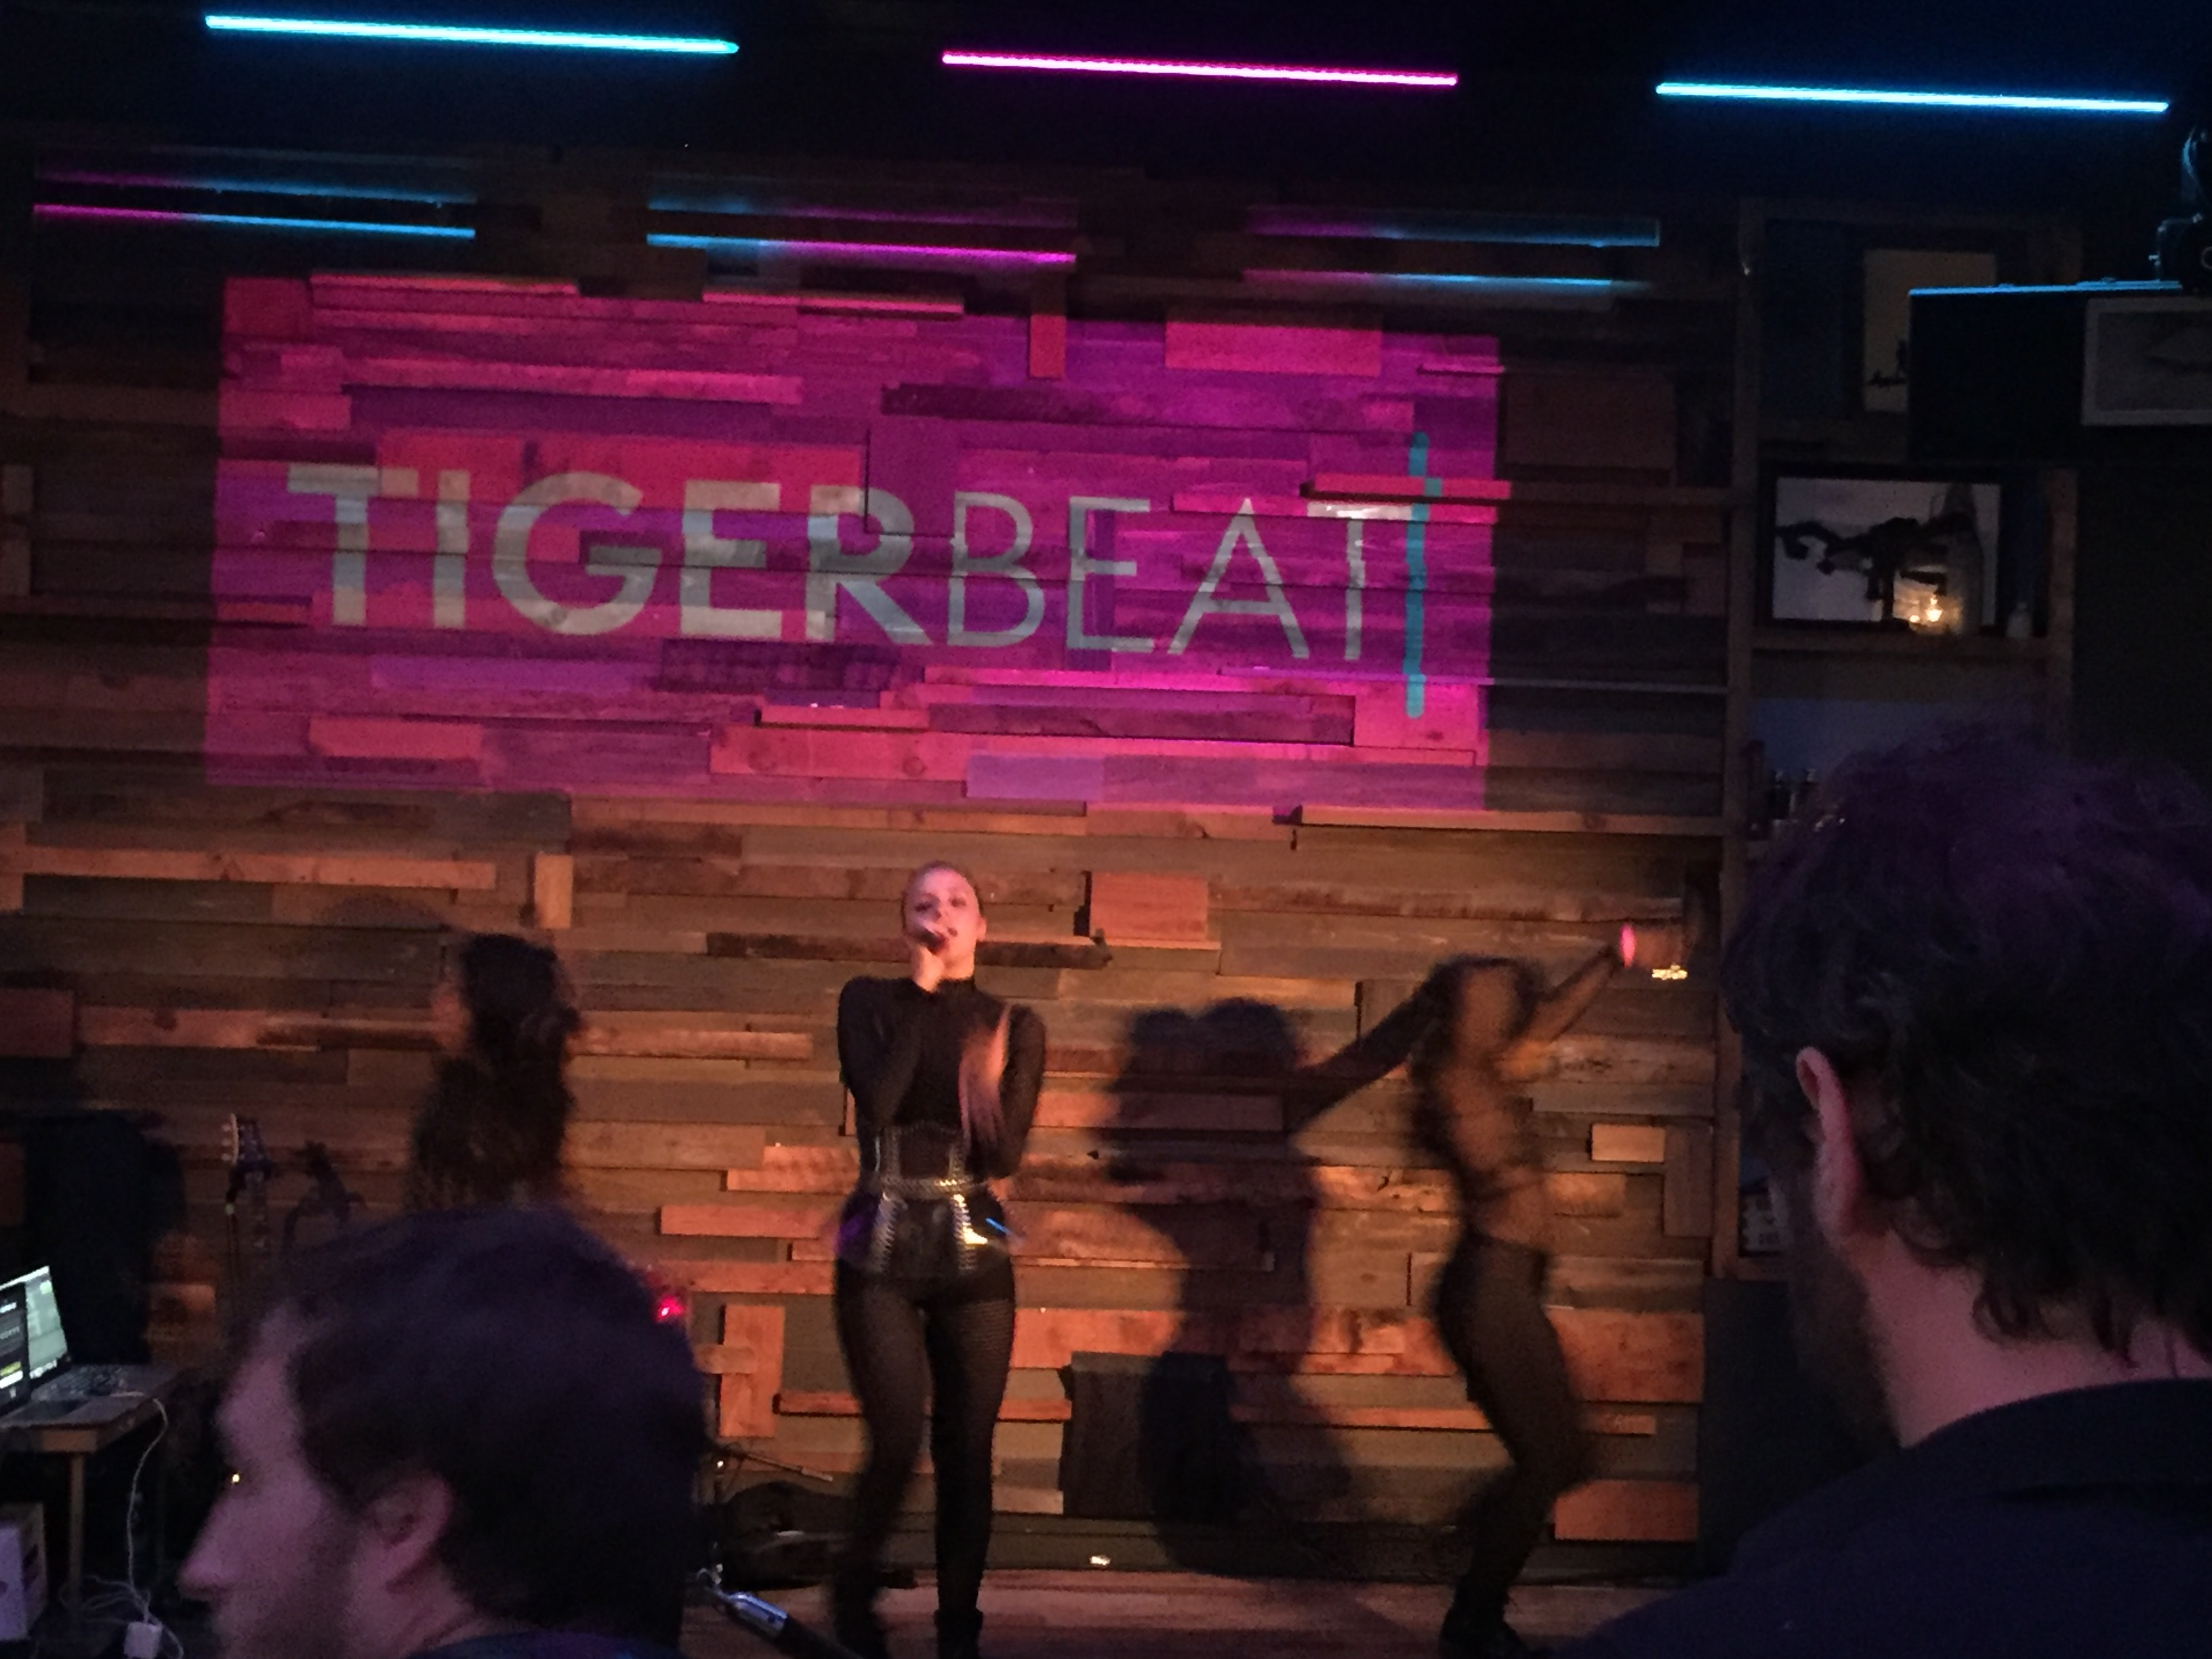 Tigerbeat_SophieBeem